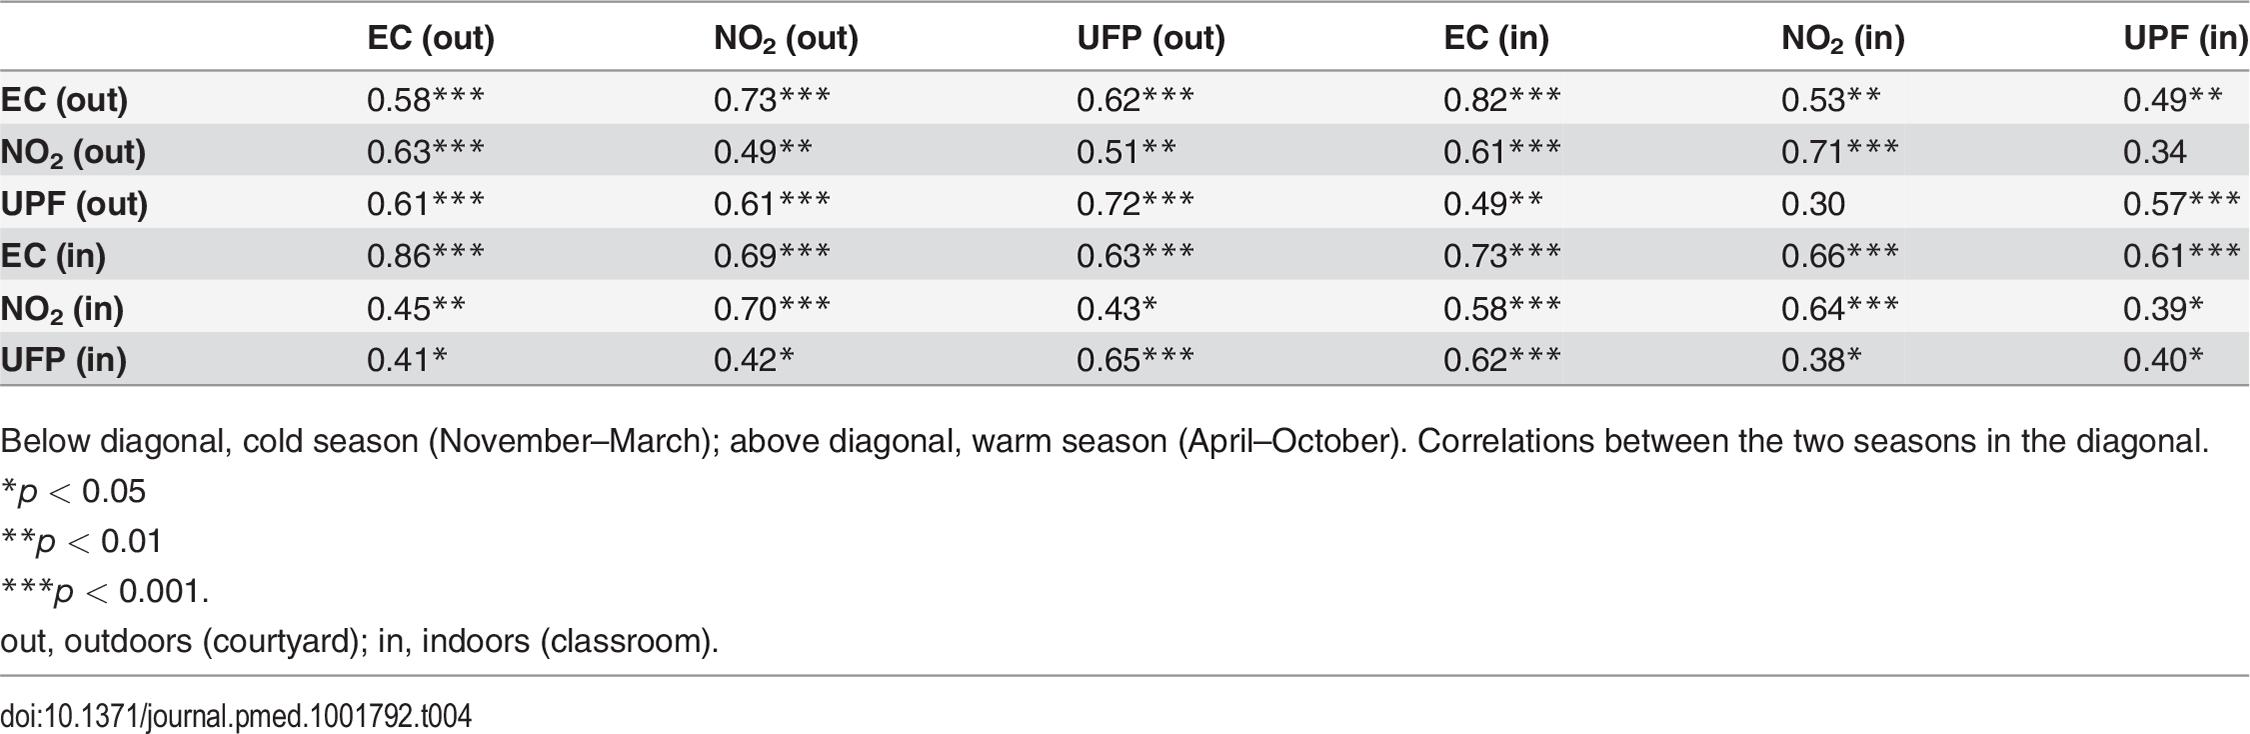 Correlation coefficients (Spearman) between air pollutants by season.